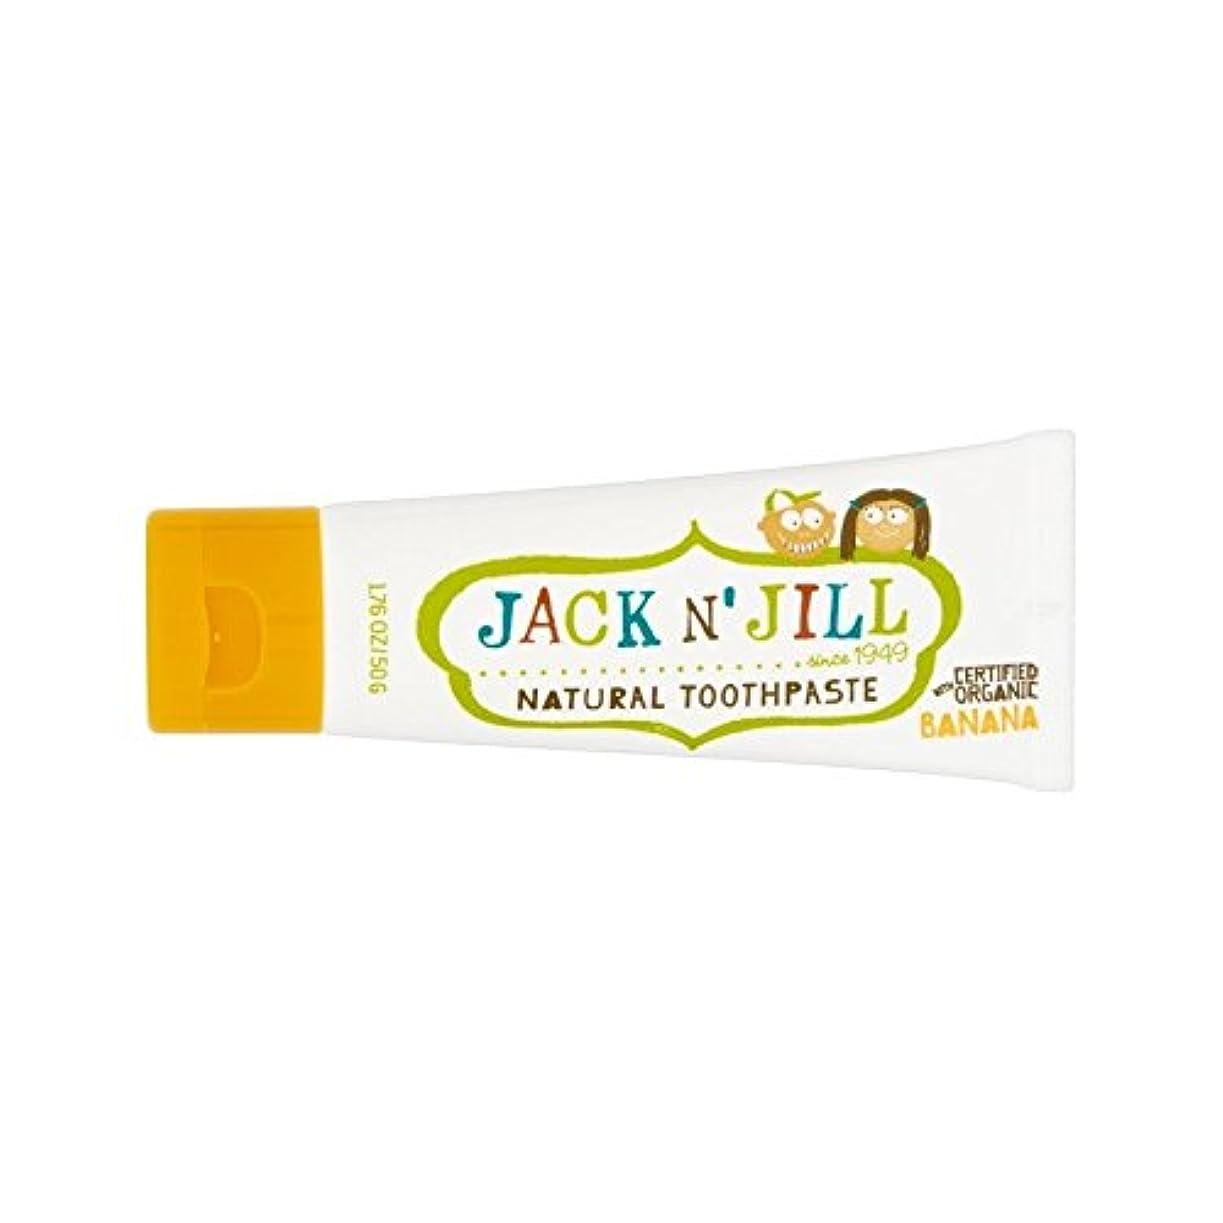 レンドひそかに株式会社有機香味50グラムと自然バナナ歯磨き粉 (Jack N Jill) (x 2) - Jack N' Jill Banana Toothpaste Natural with Organic Flavouring 50g (...